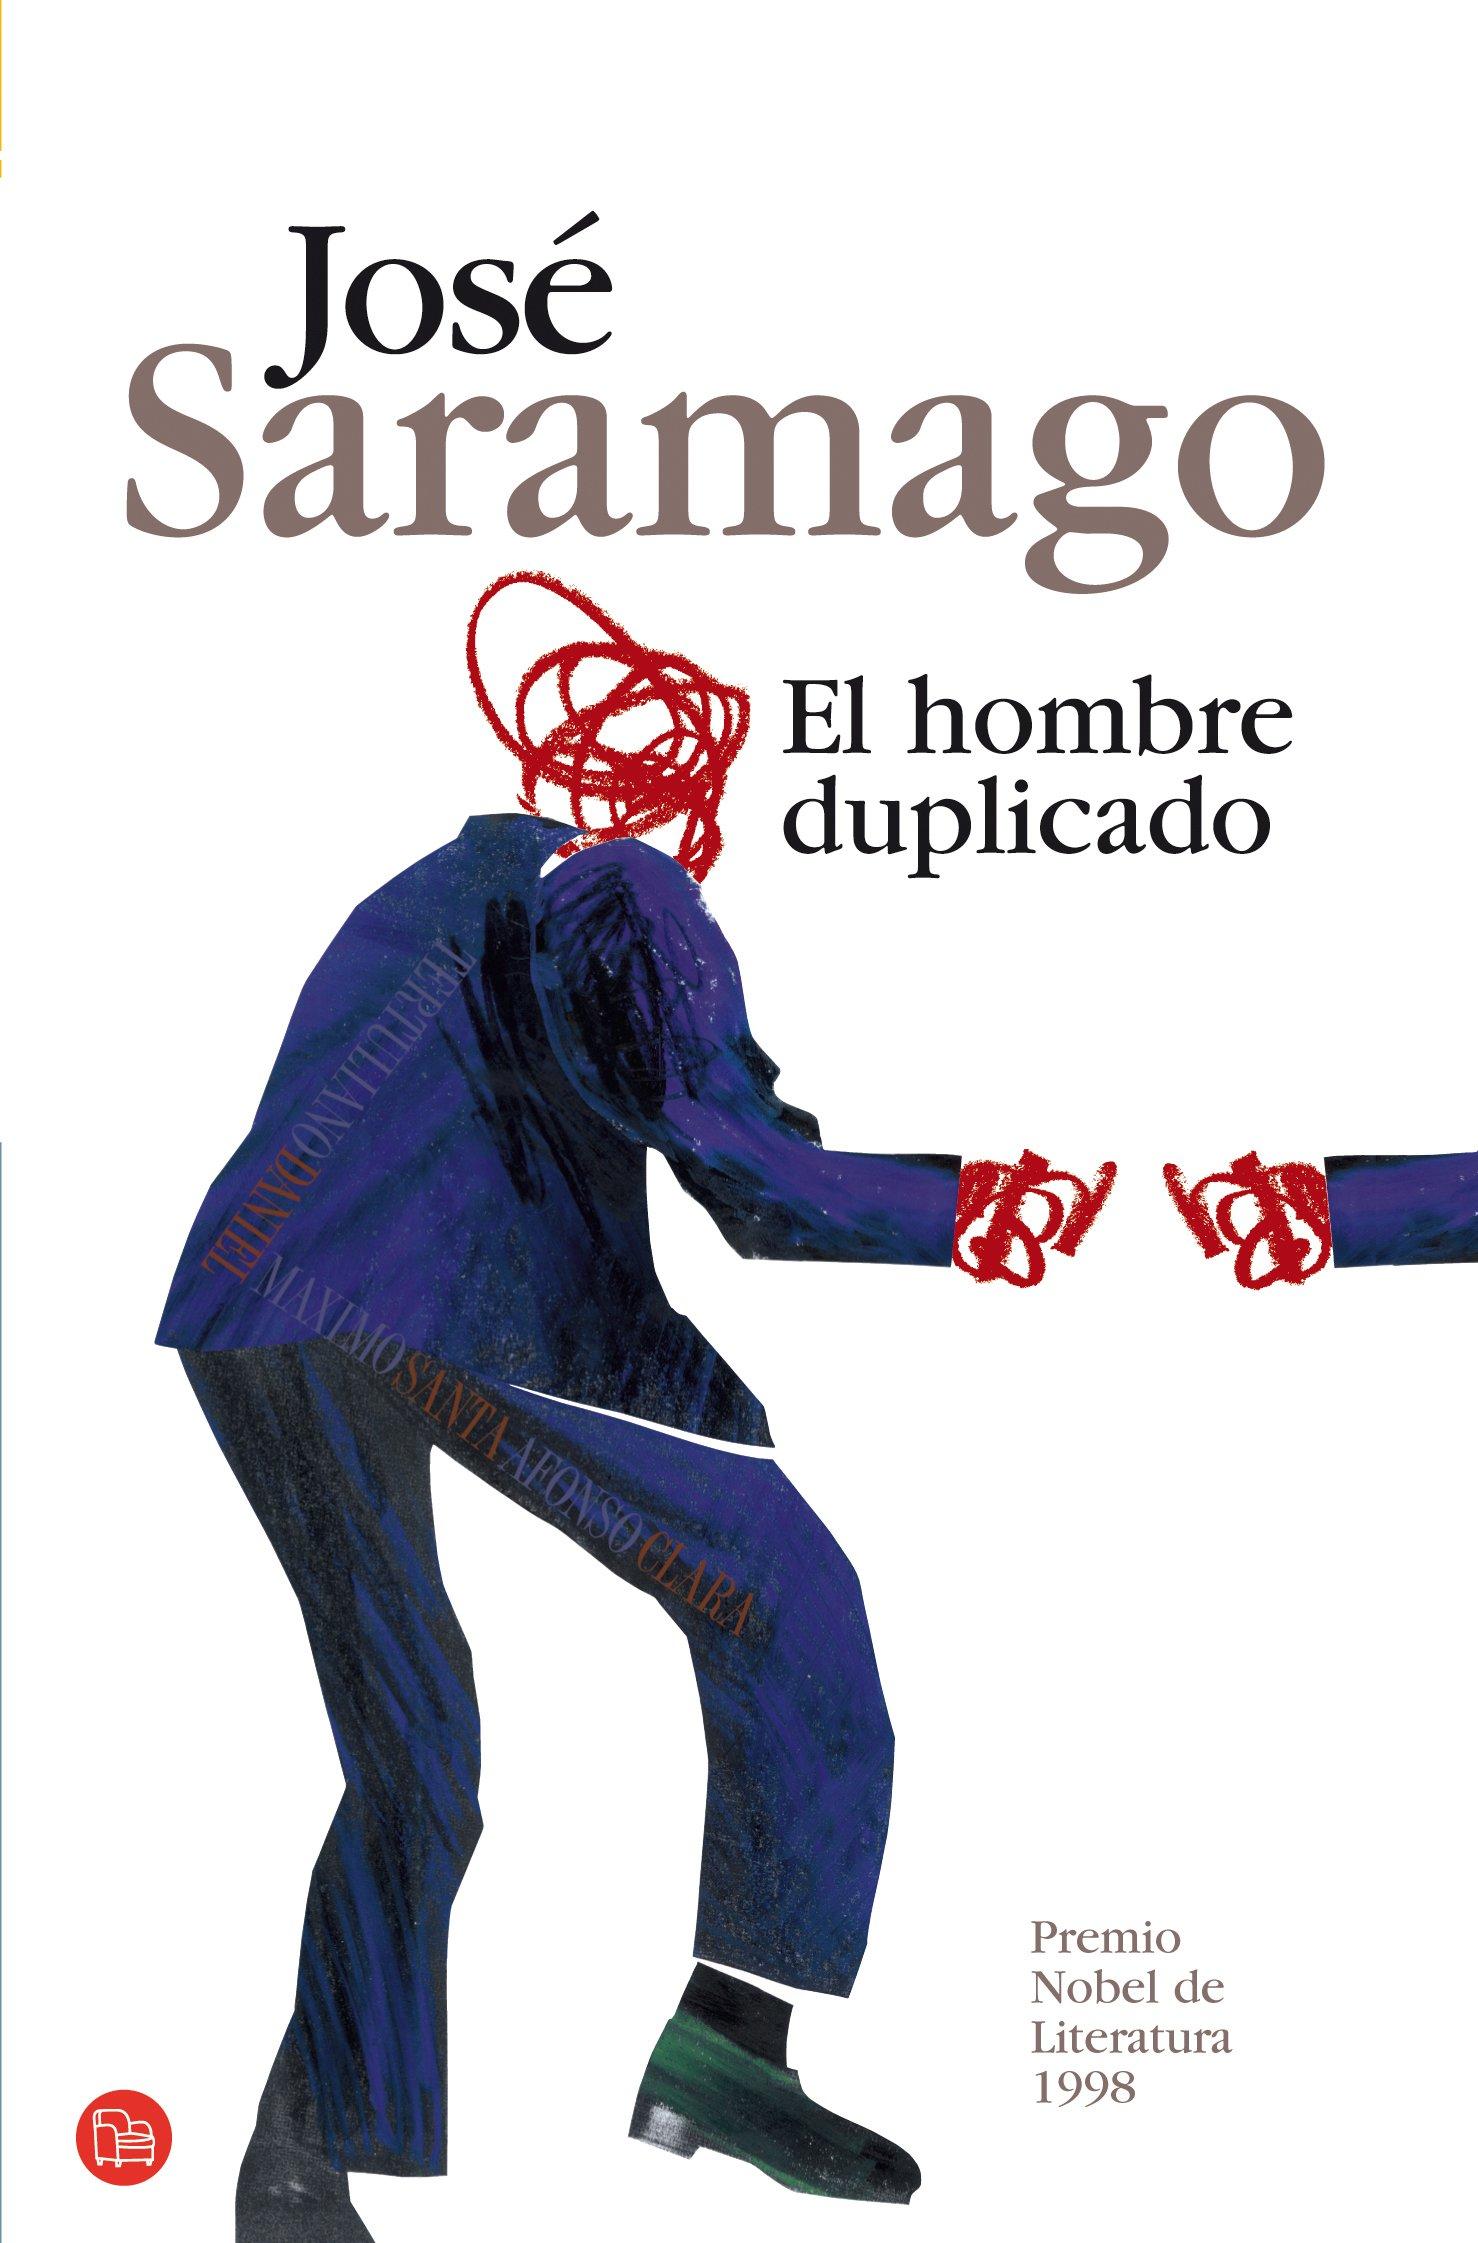 El hombre duplicado de José Saramago